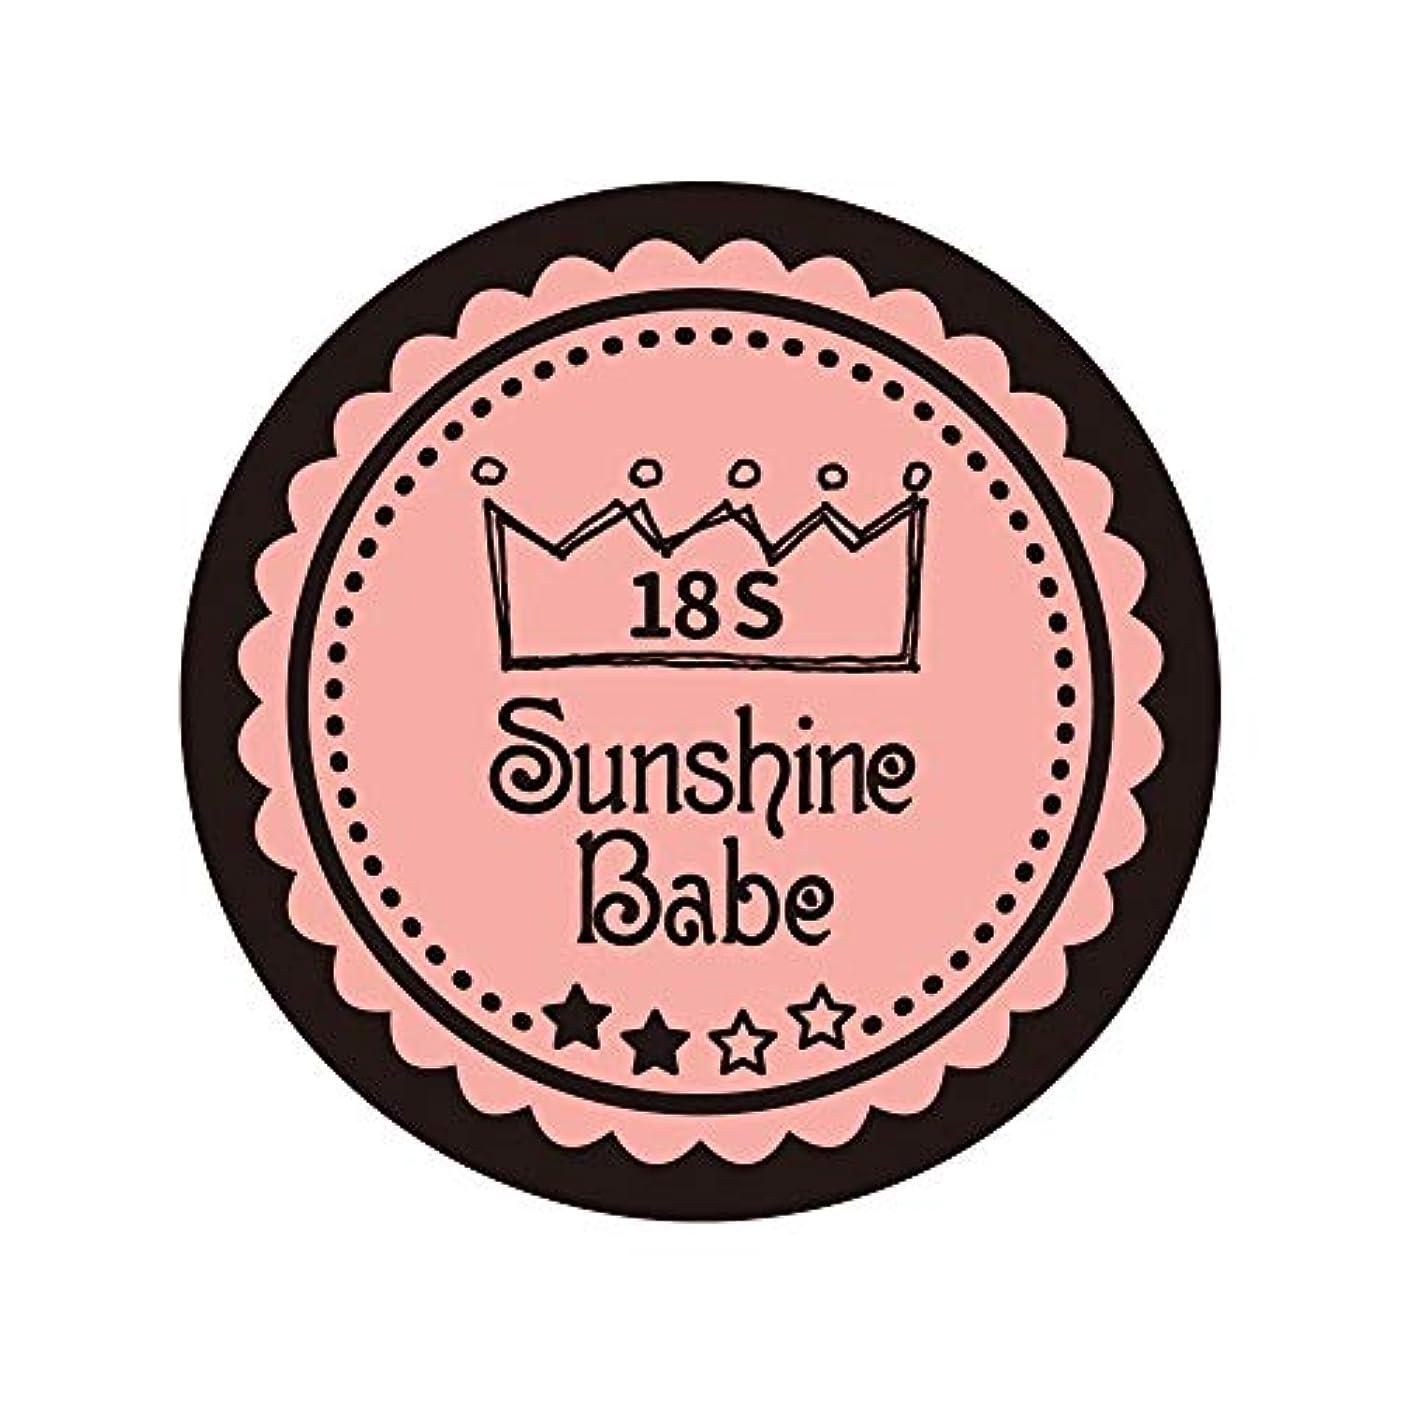 戻す過半数マリナーSunshine Babe コスメティックカラー 18S ロマンティックベリー 4g UV/LED対応